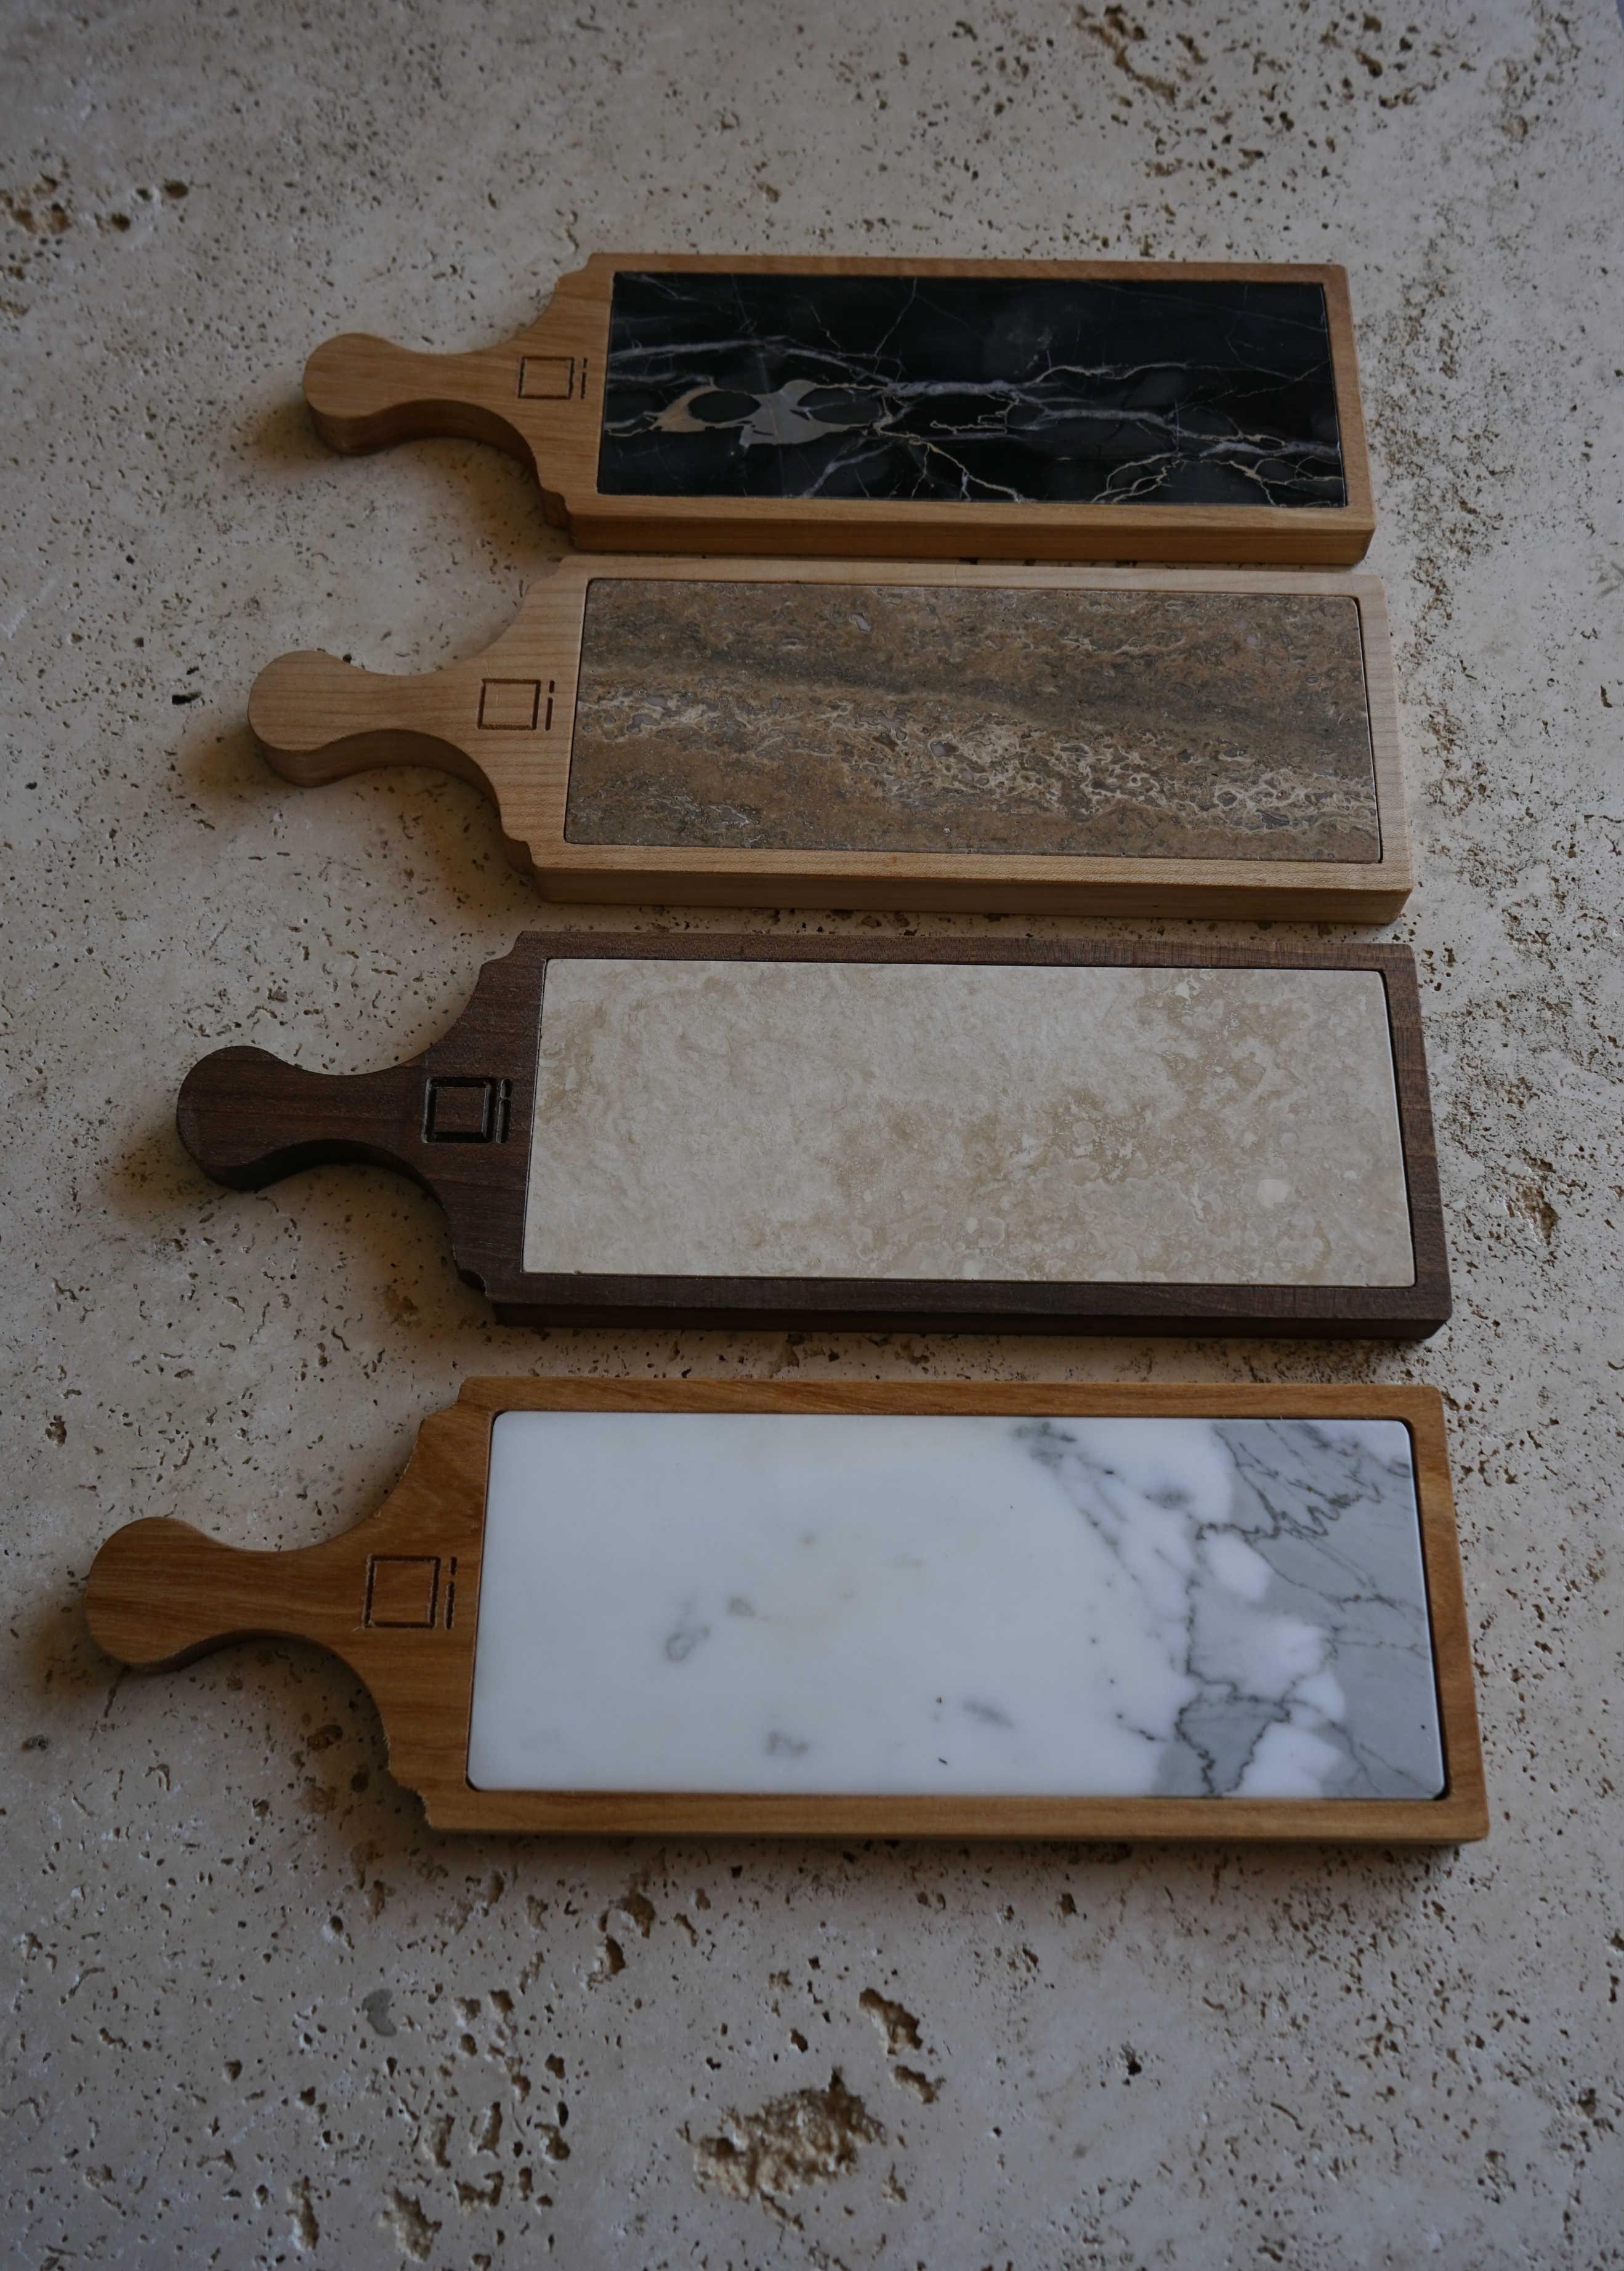 Taglieri in travertino e legno